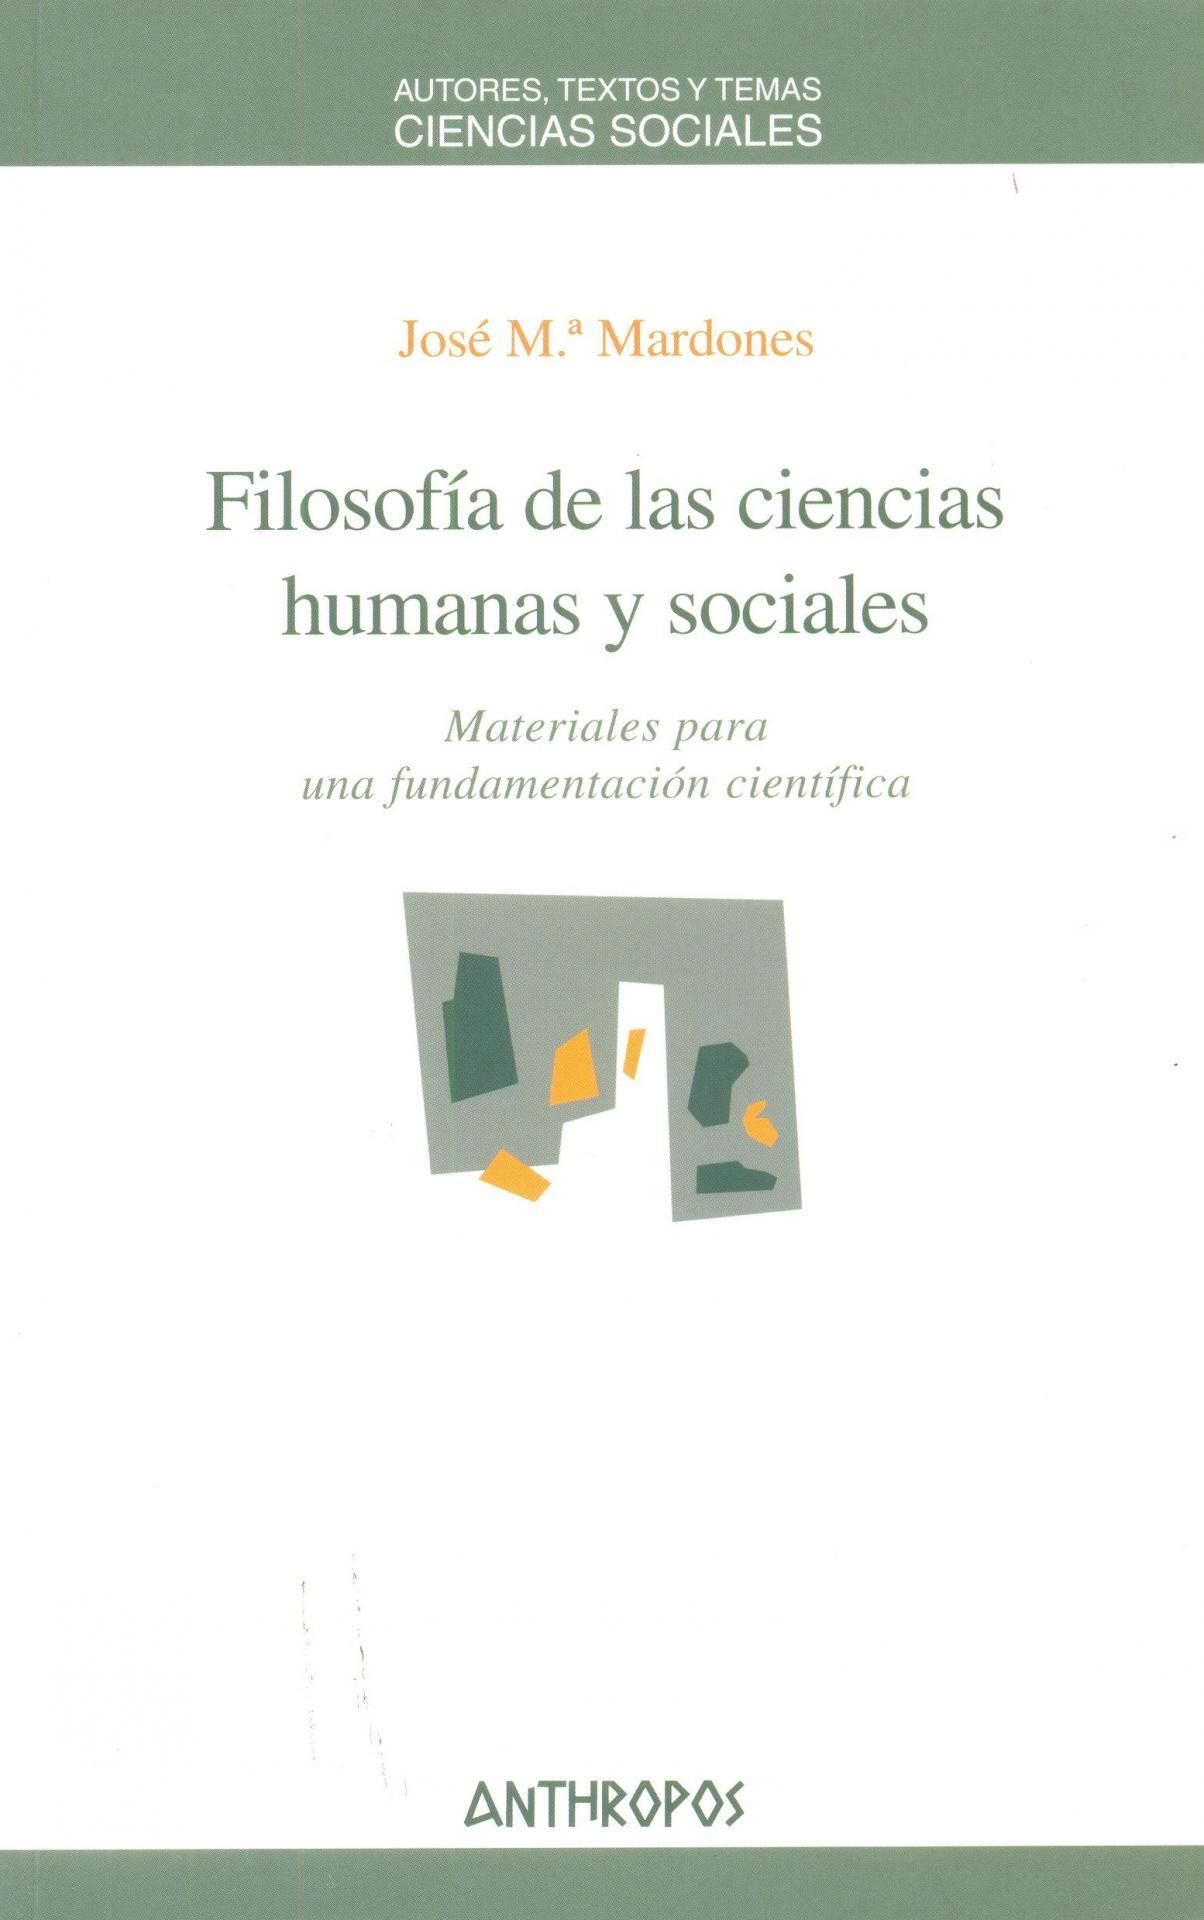 FILOSOFÍA DE LAS CIENCIAS HUMANAS Y SOCIALES. Materiales  para una fundamentación científica.  Mardones, JMª.